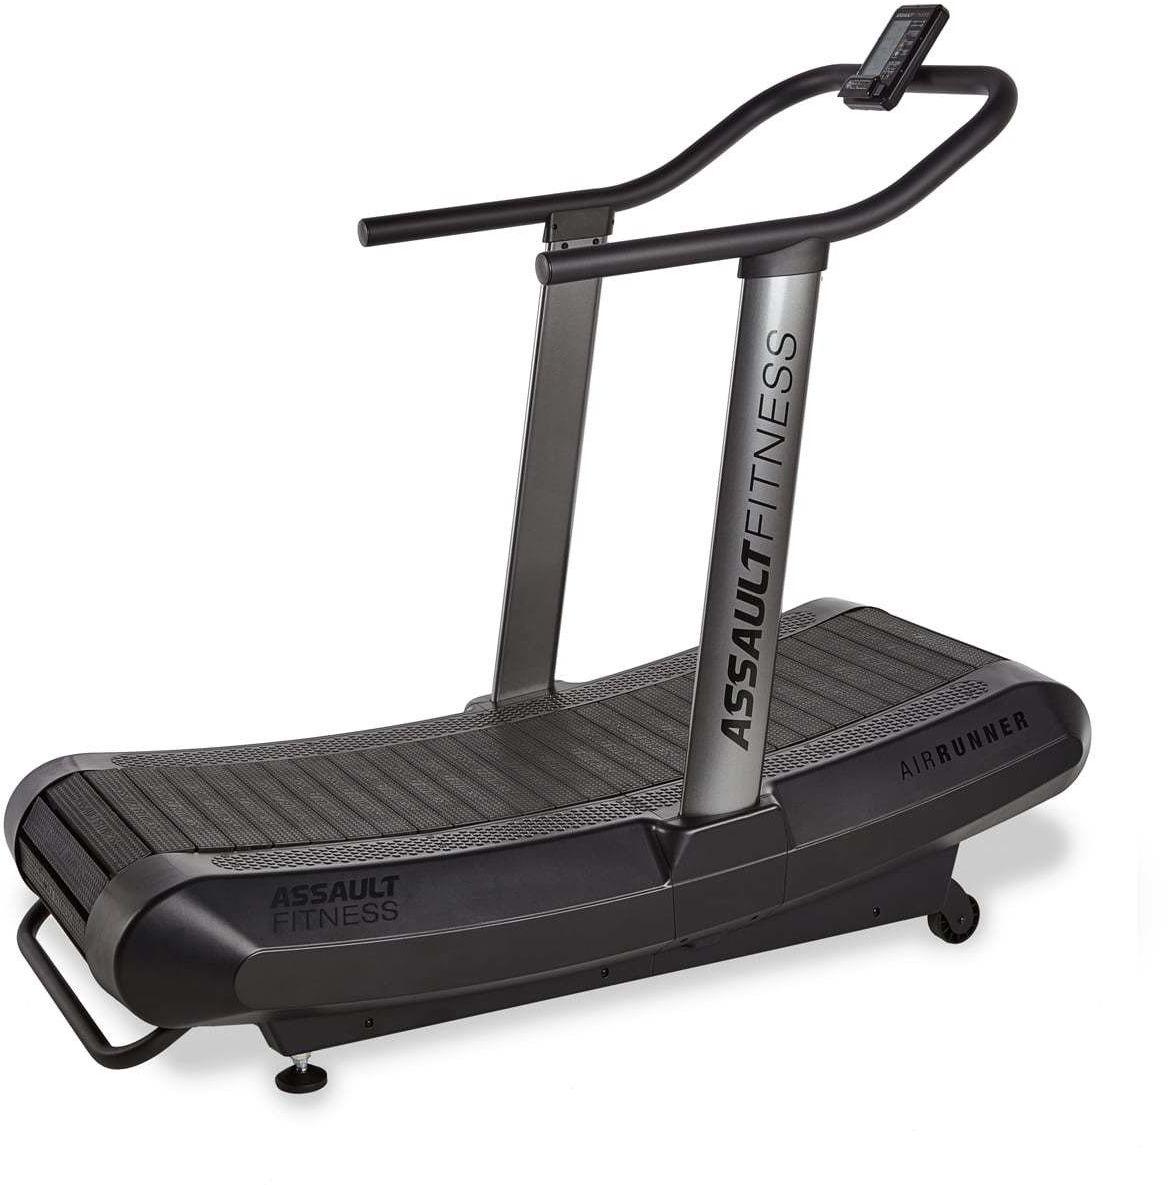 Bieżnia treningowa AirRunner - Assault Fitness